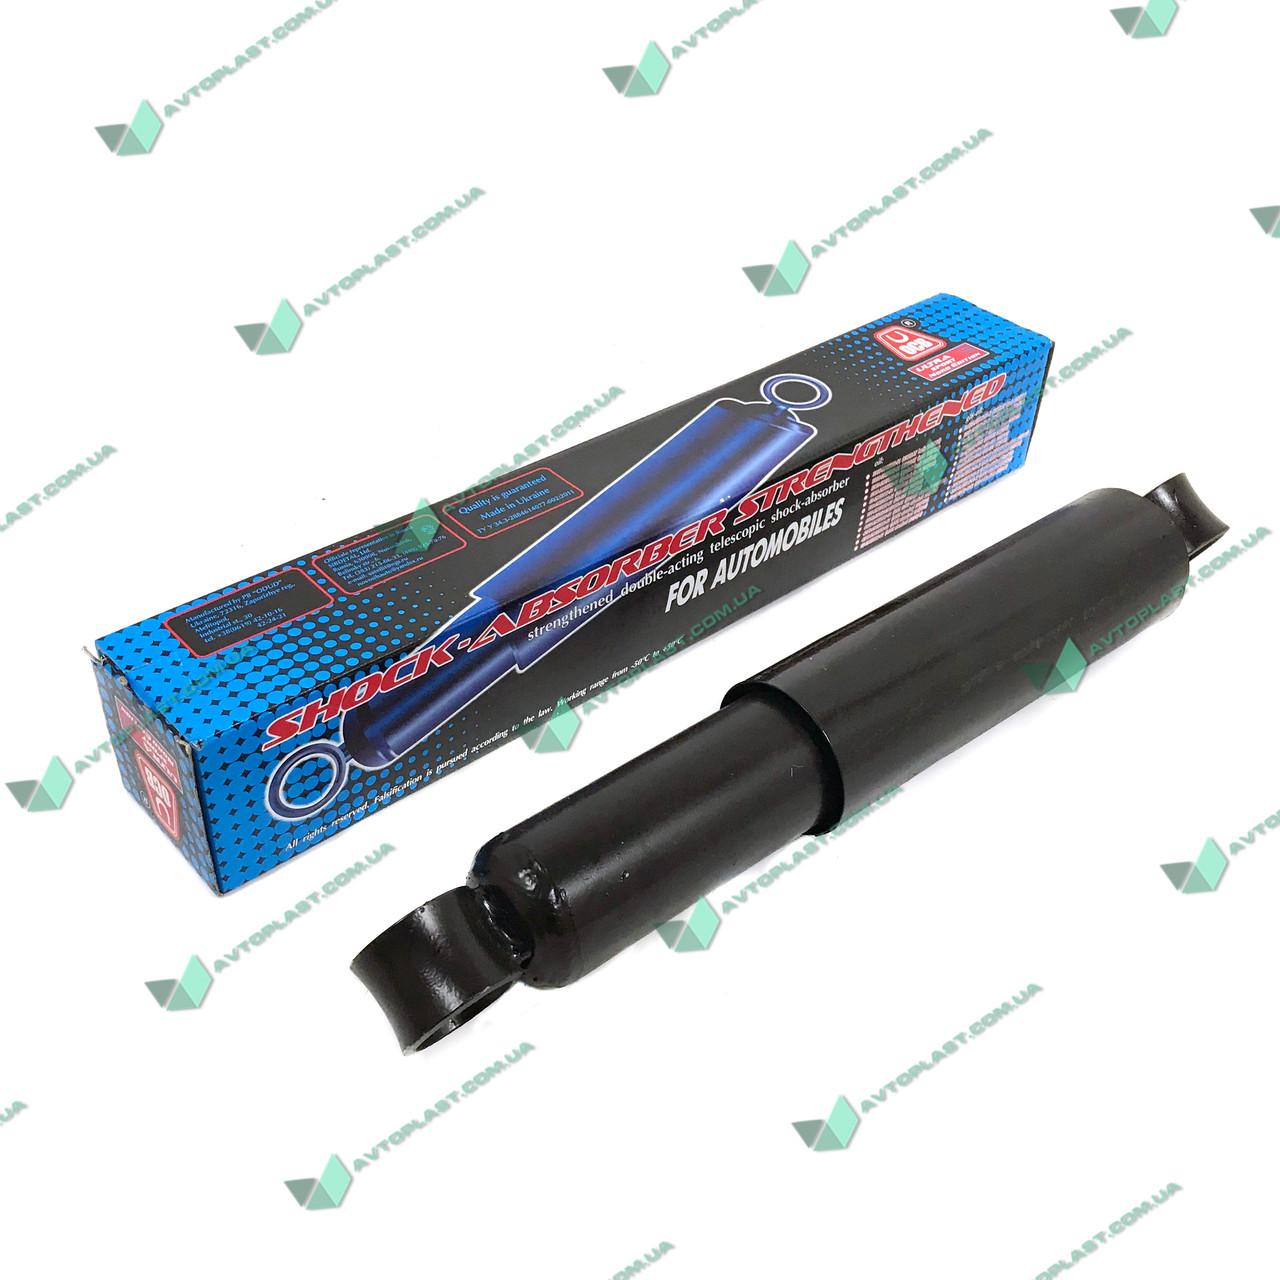 Амортизатор ЗИЛ 130 передний\задний (усиленный) Ультра Спорт (пр-во ОСВ)